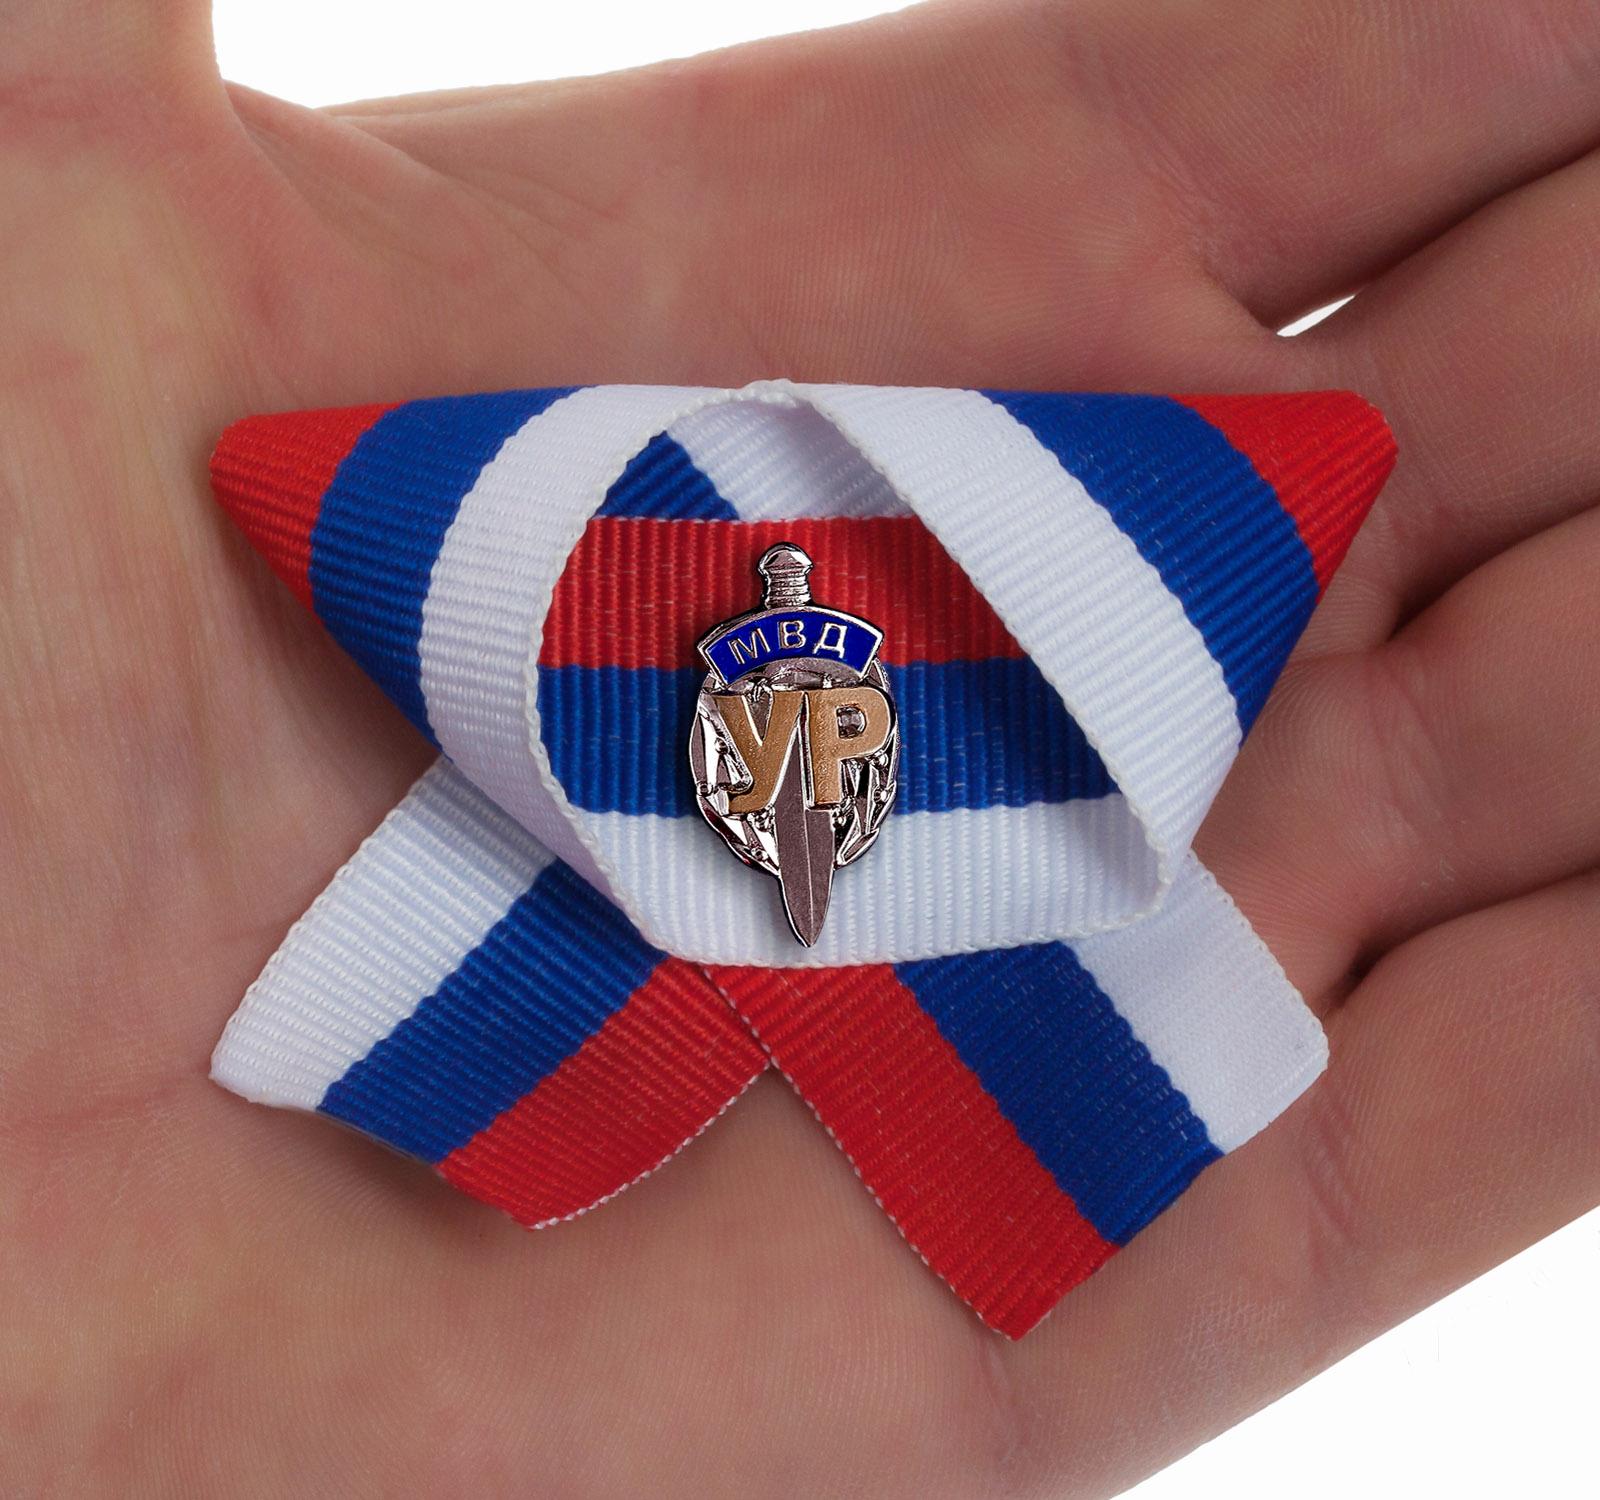 Заказать сувениры, подарки МВД УГРО по низкой цене онлайн